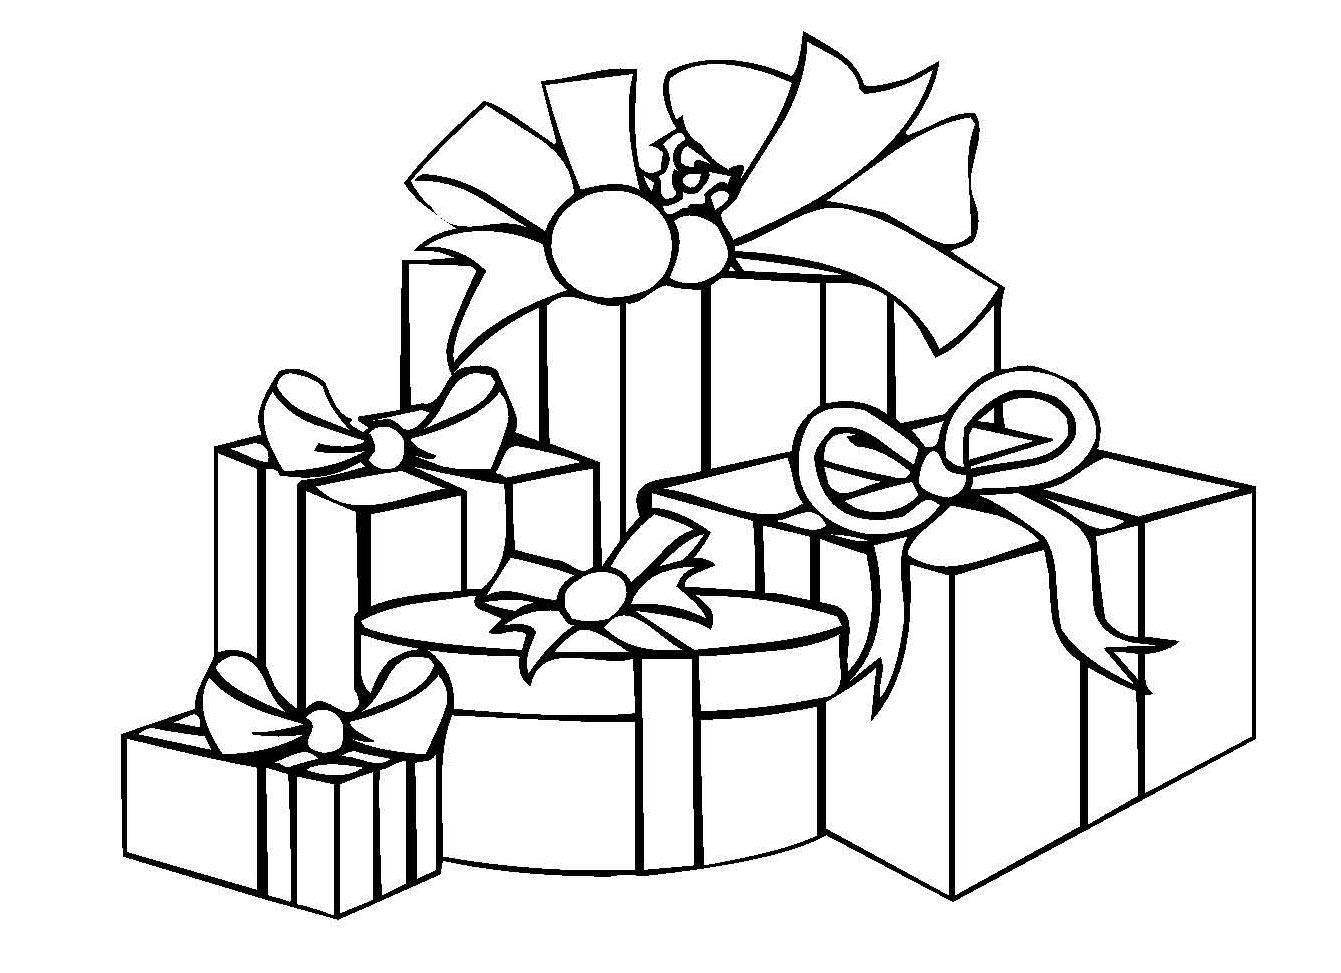 top 20 ausmalbilder weihnachten geschenke - beste